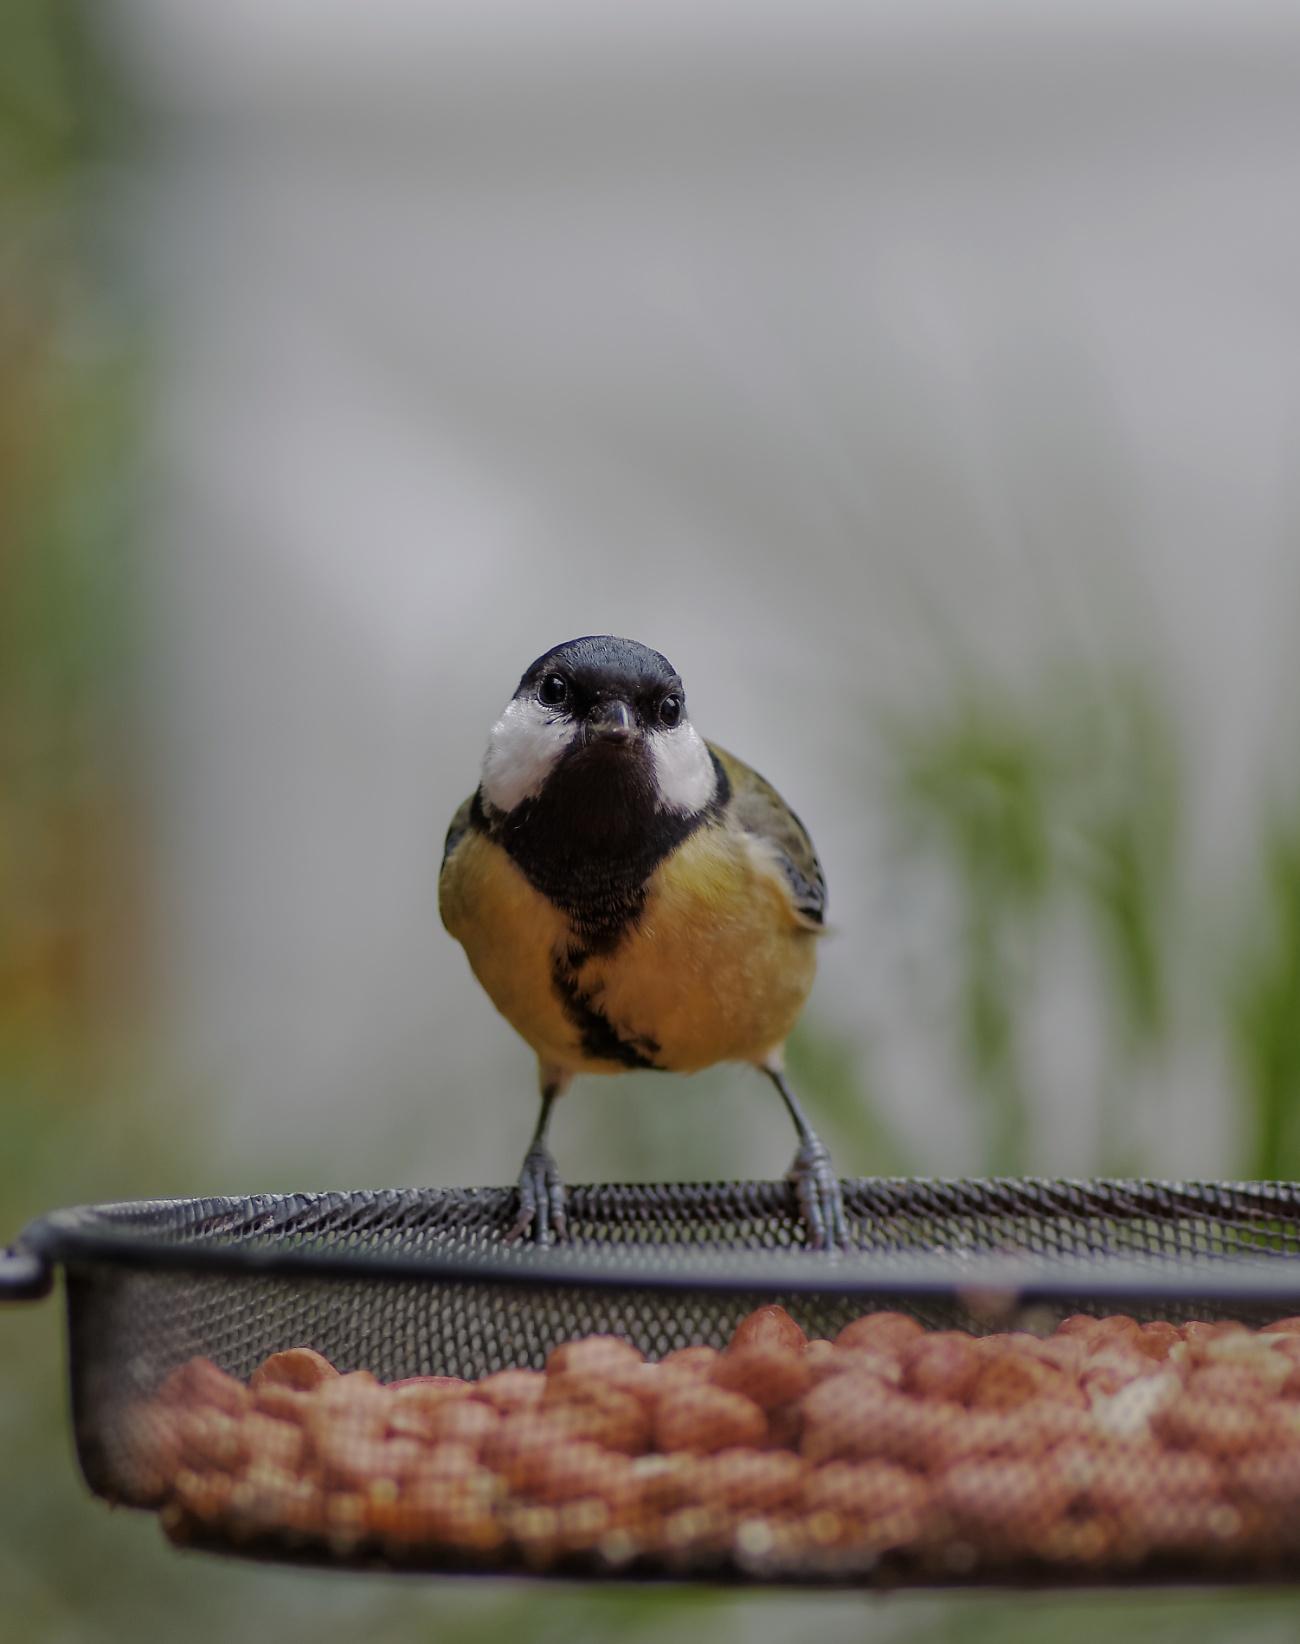 mésange charbonnière, test objectif smc PENTAX D-FA MACRO 100mm f/2,8WR, oiseau, jardin, oiseaux du jardin, photo